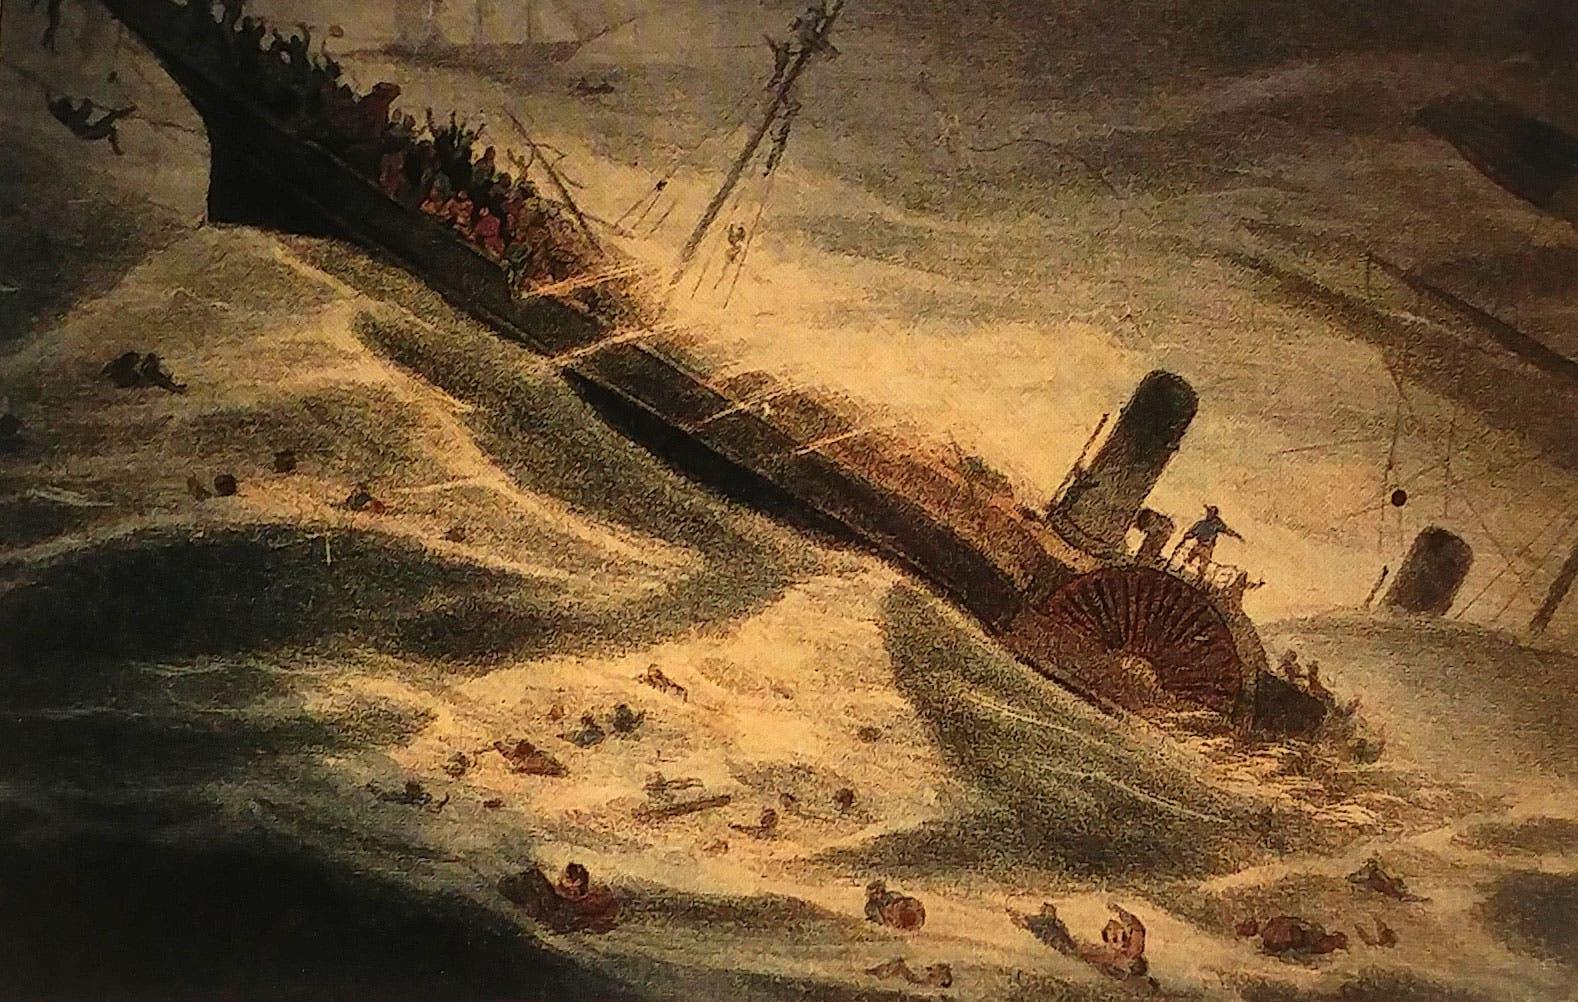 رسم تخيلي لحادثة غرق أس اس سنترال أميركا